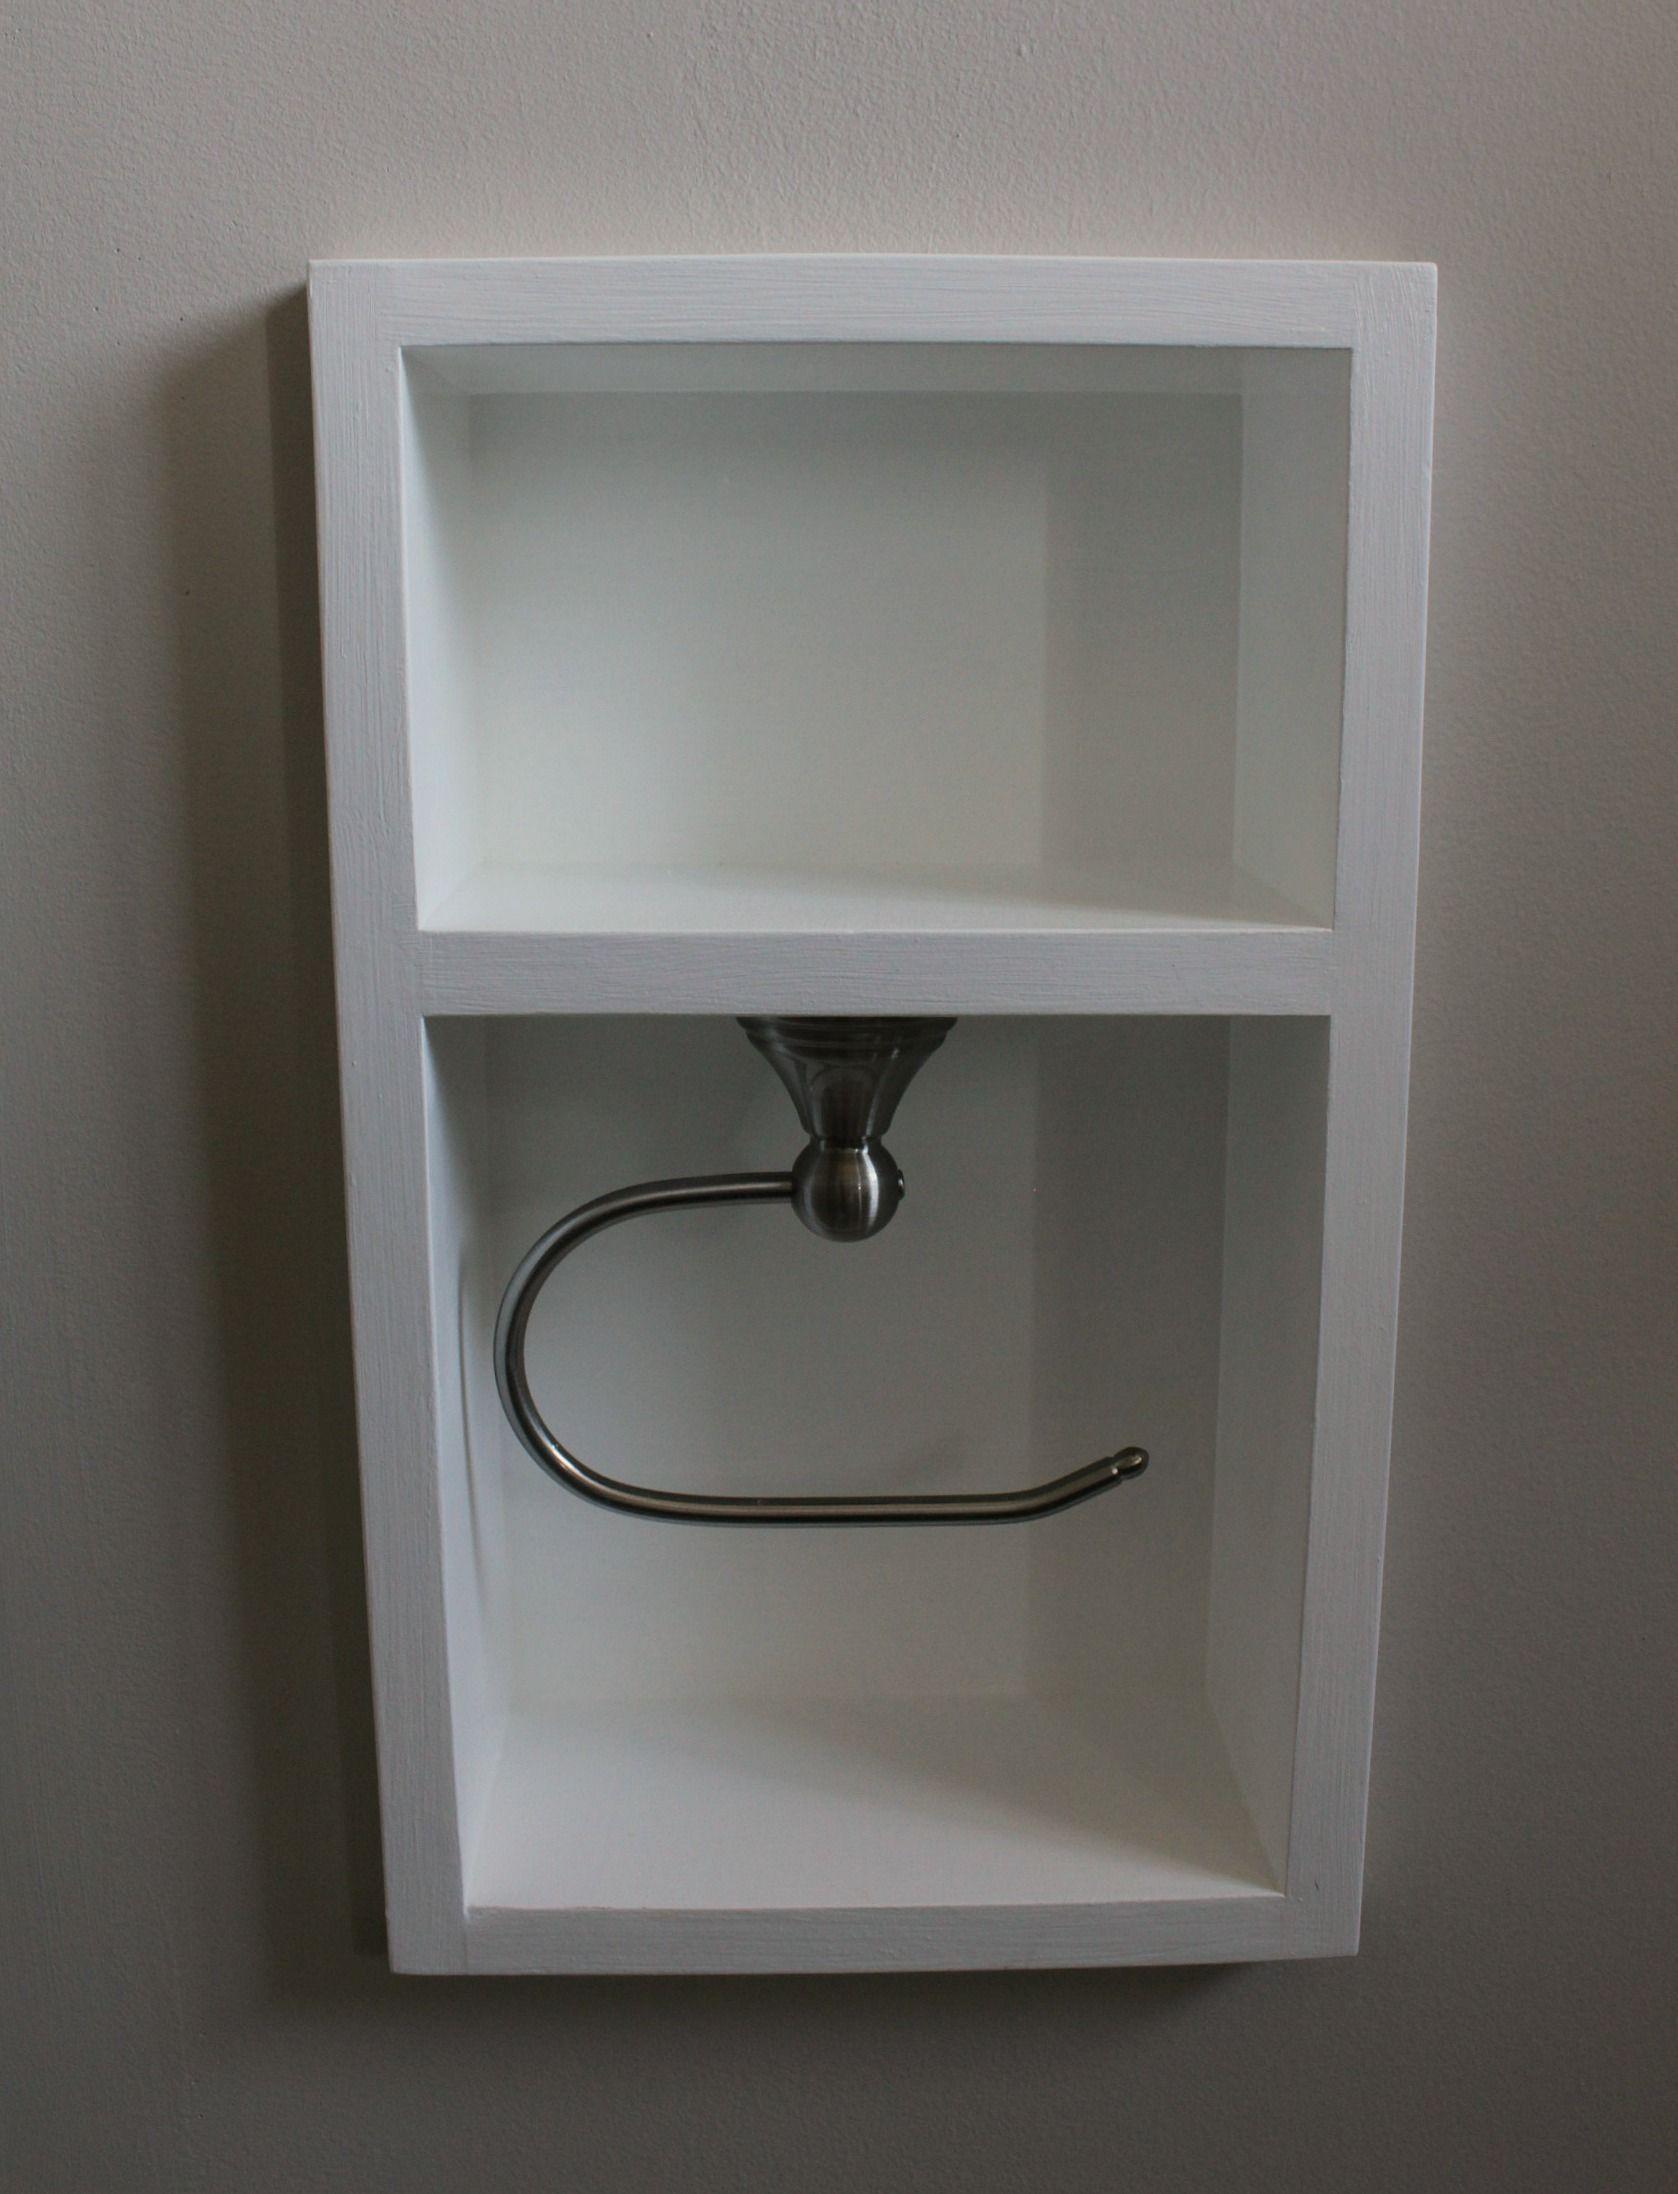 Toilet Paper Storage Holder